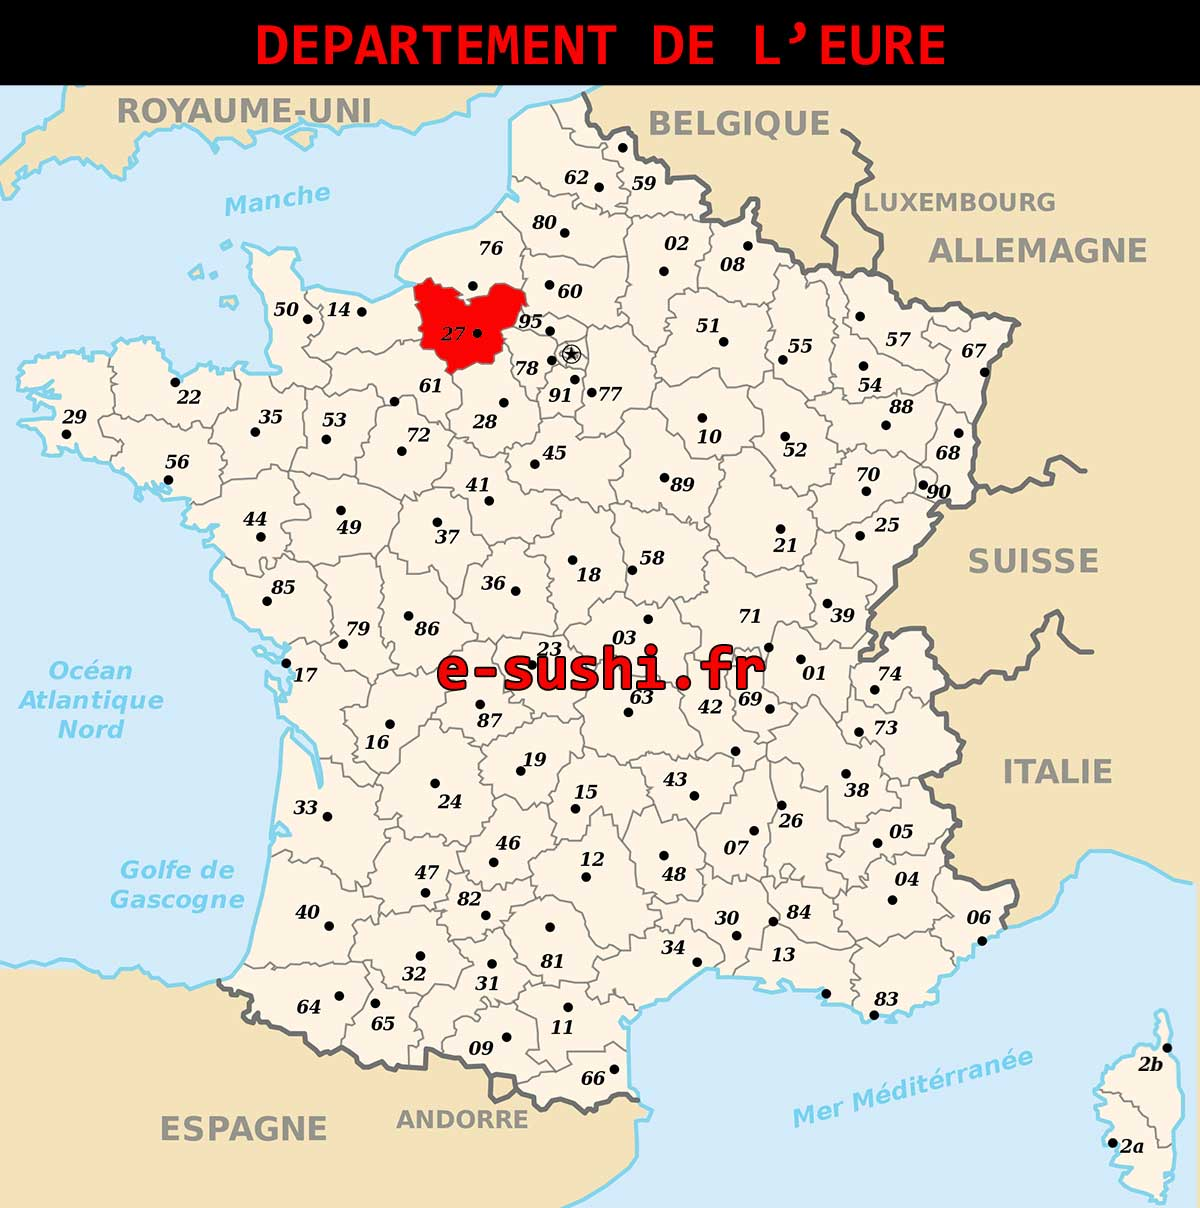 Département de l-Eure